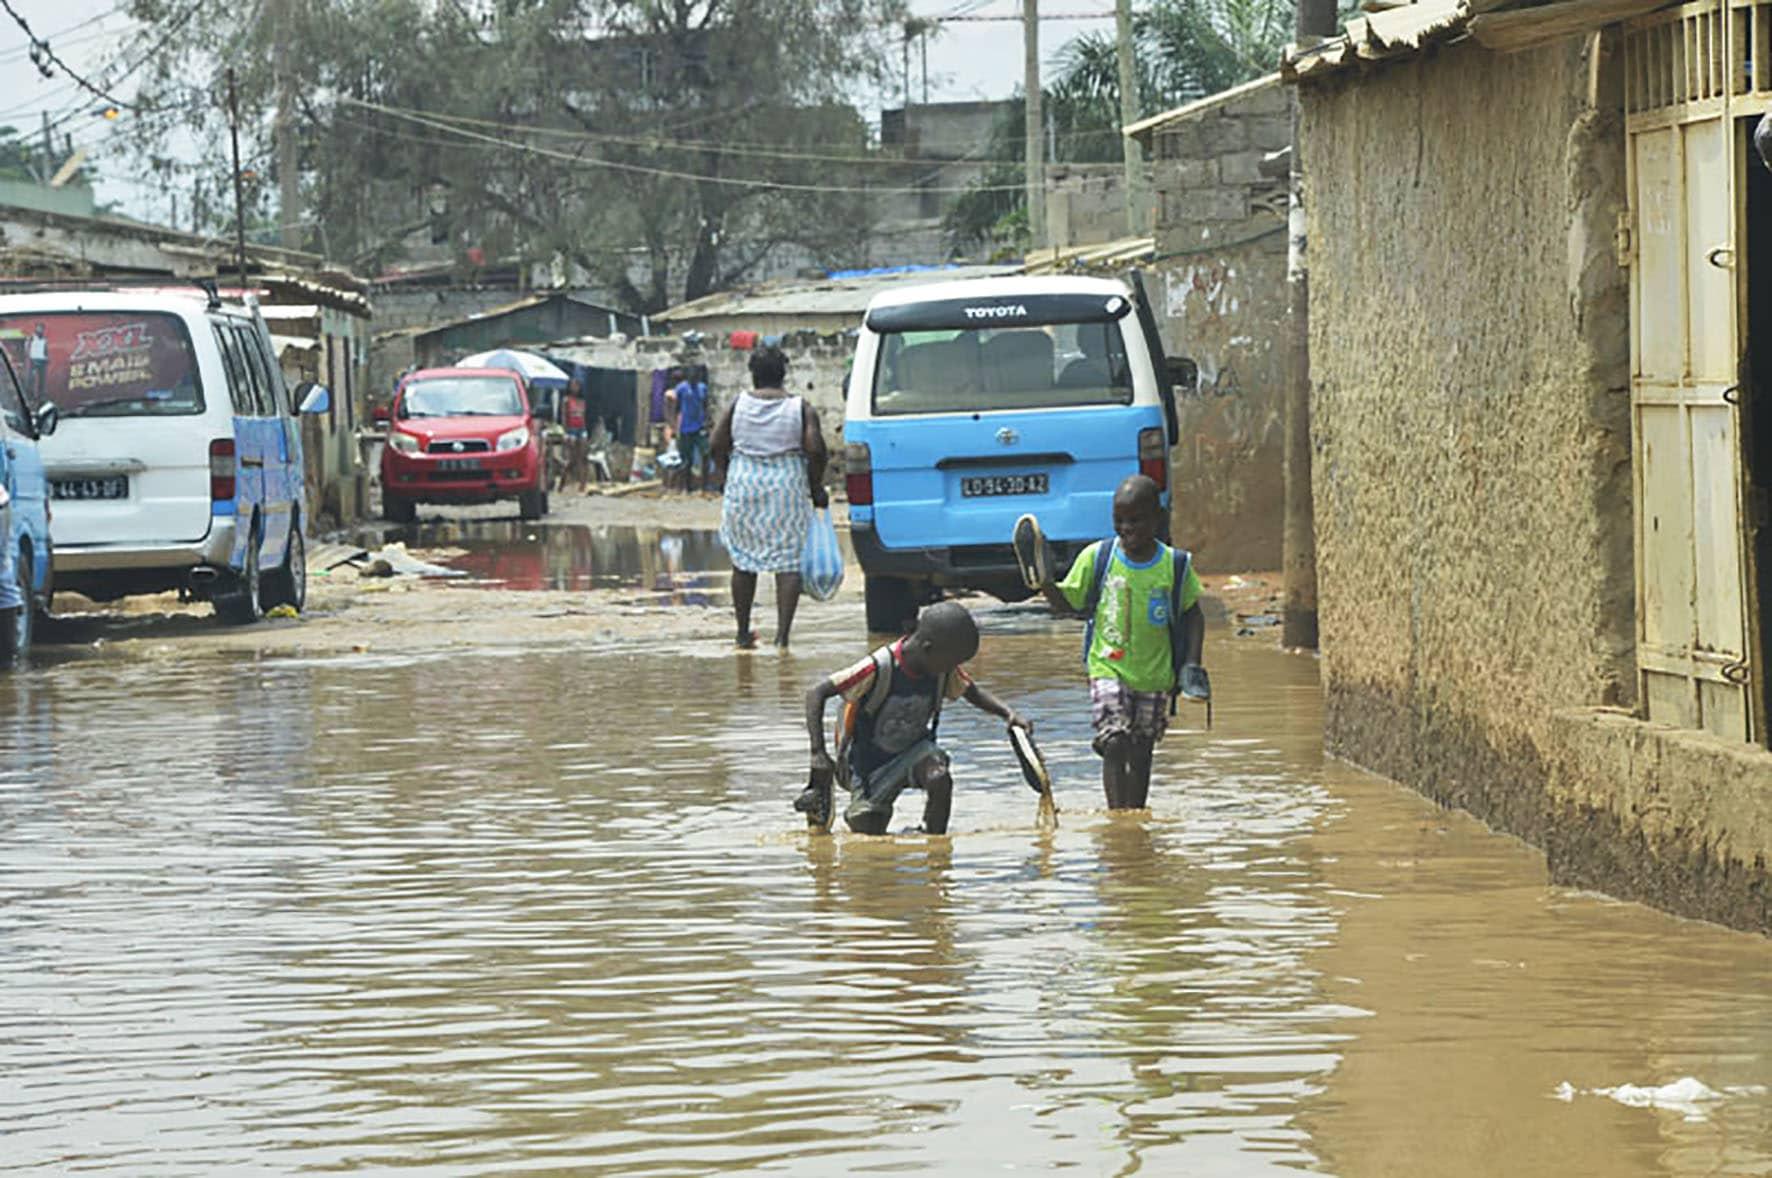 chuva em luanda causa três mortes - cms image 000004302 - Chuva em Luanda causa três mortes